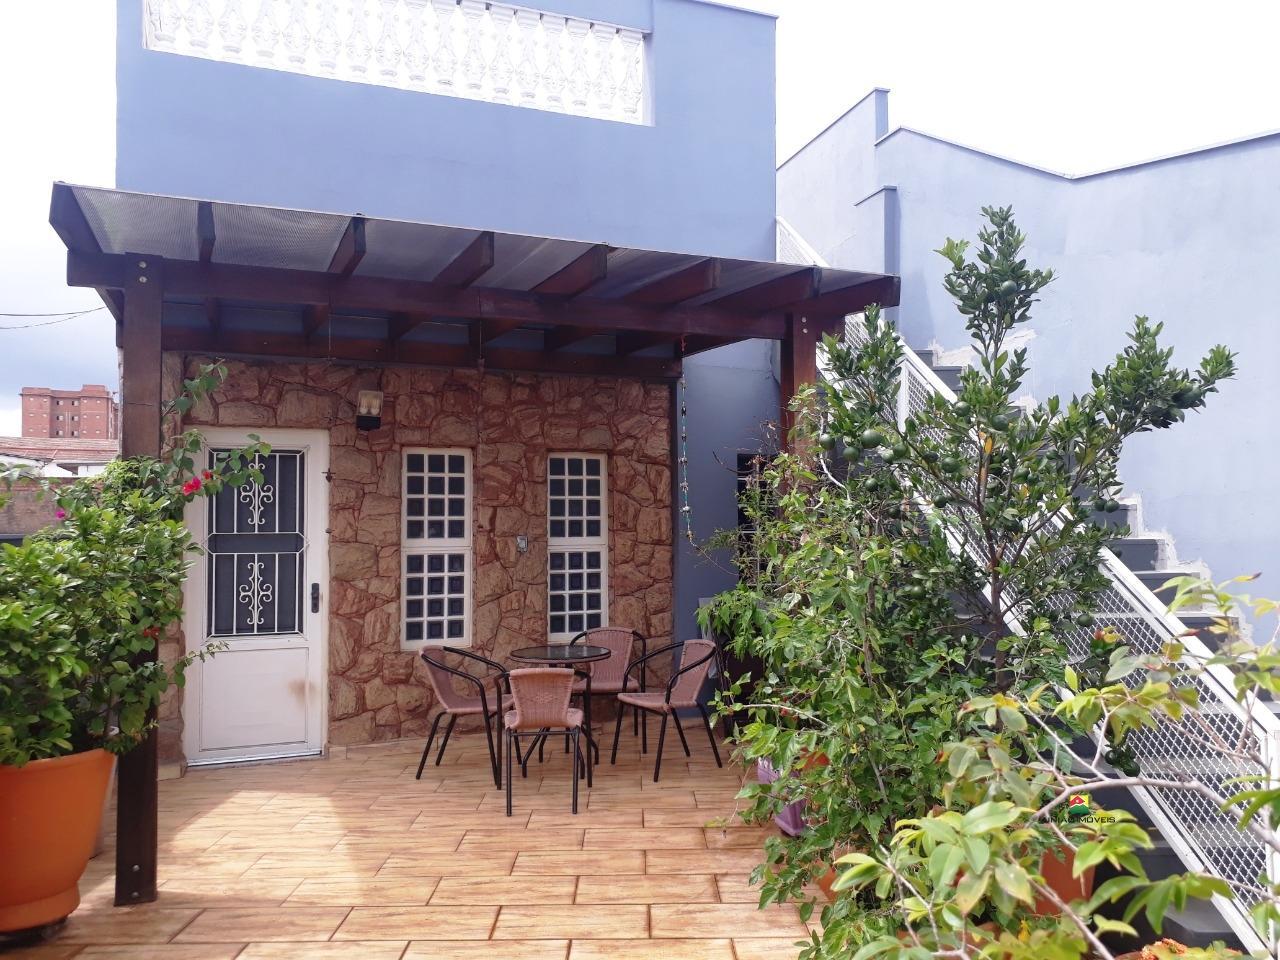 http://www2.sgn2.com.br/clientes/itirapina/vda/v2482a.jpg